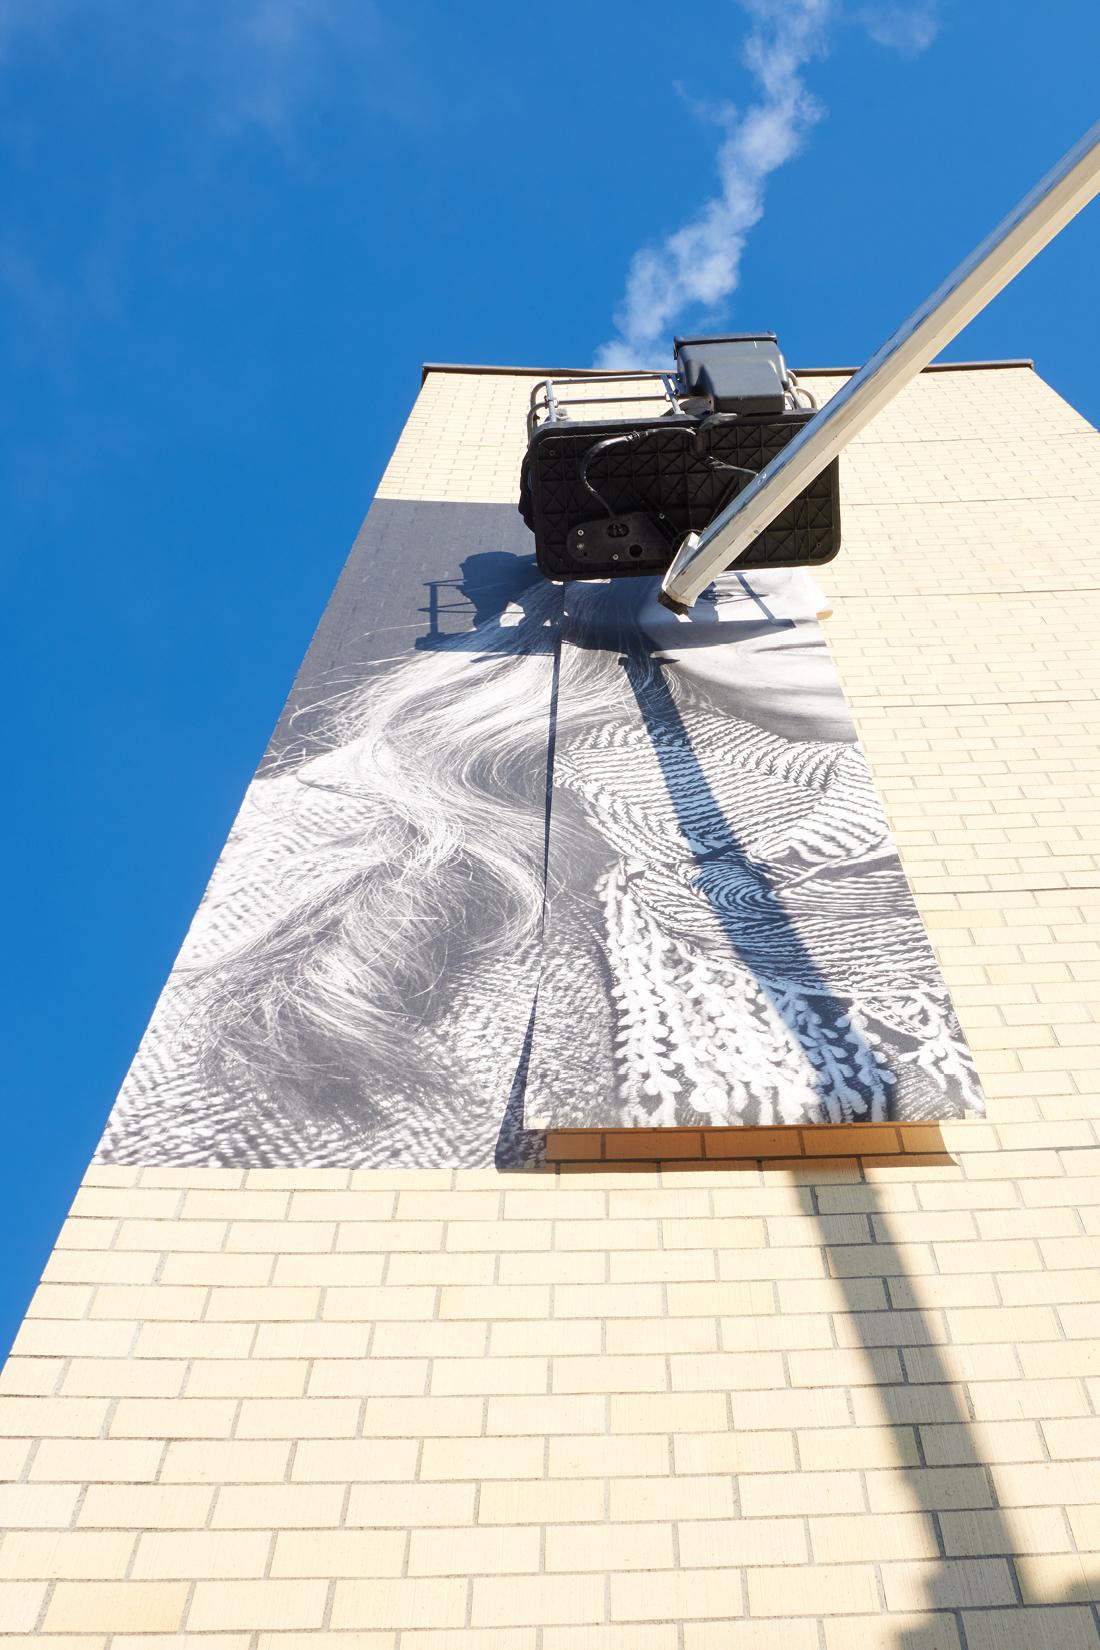 Ausgefahrene Hebebühne vor Backstein-Fassade, Xxl Bild wird in Bahnen an Mauer geklebt